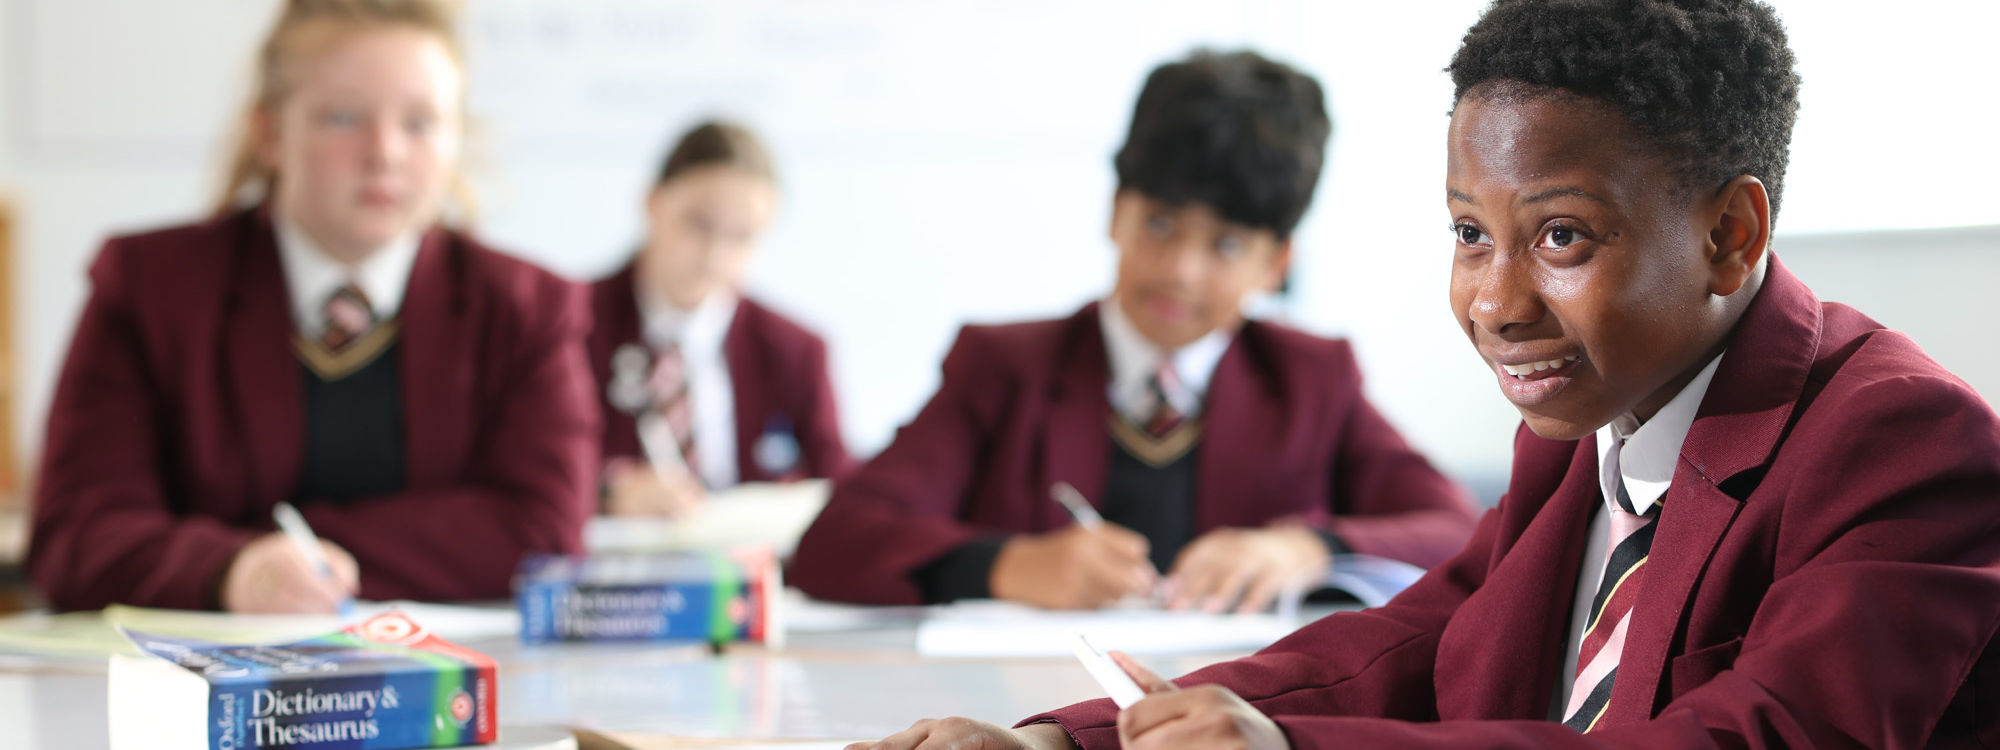 Hertswood academy image 12